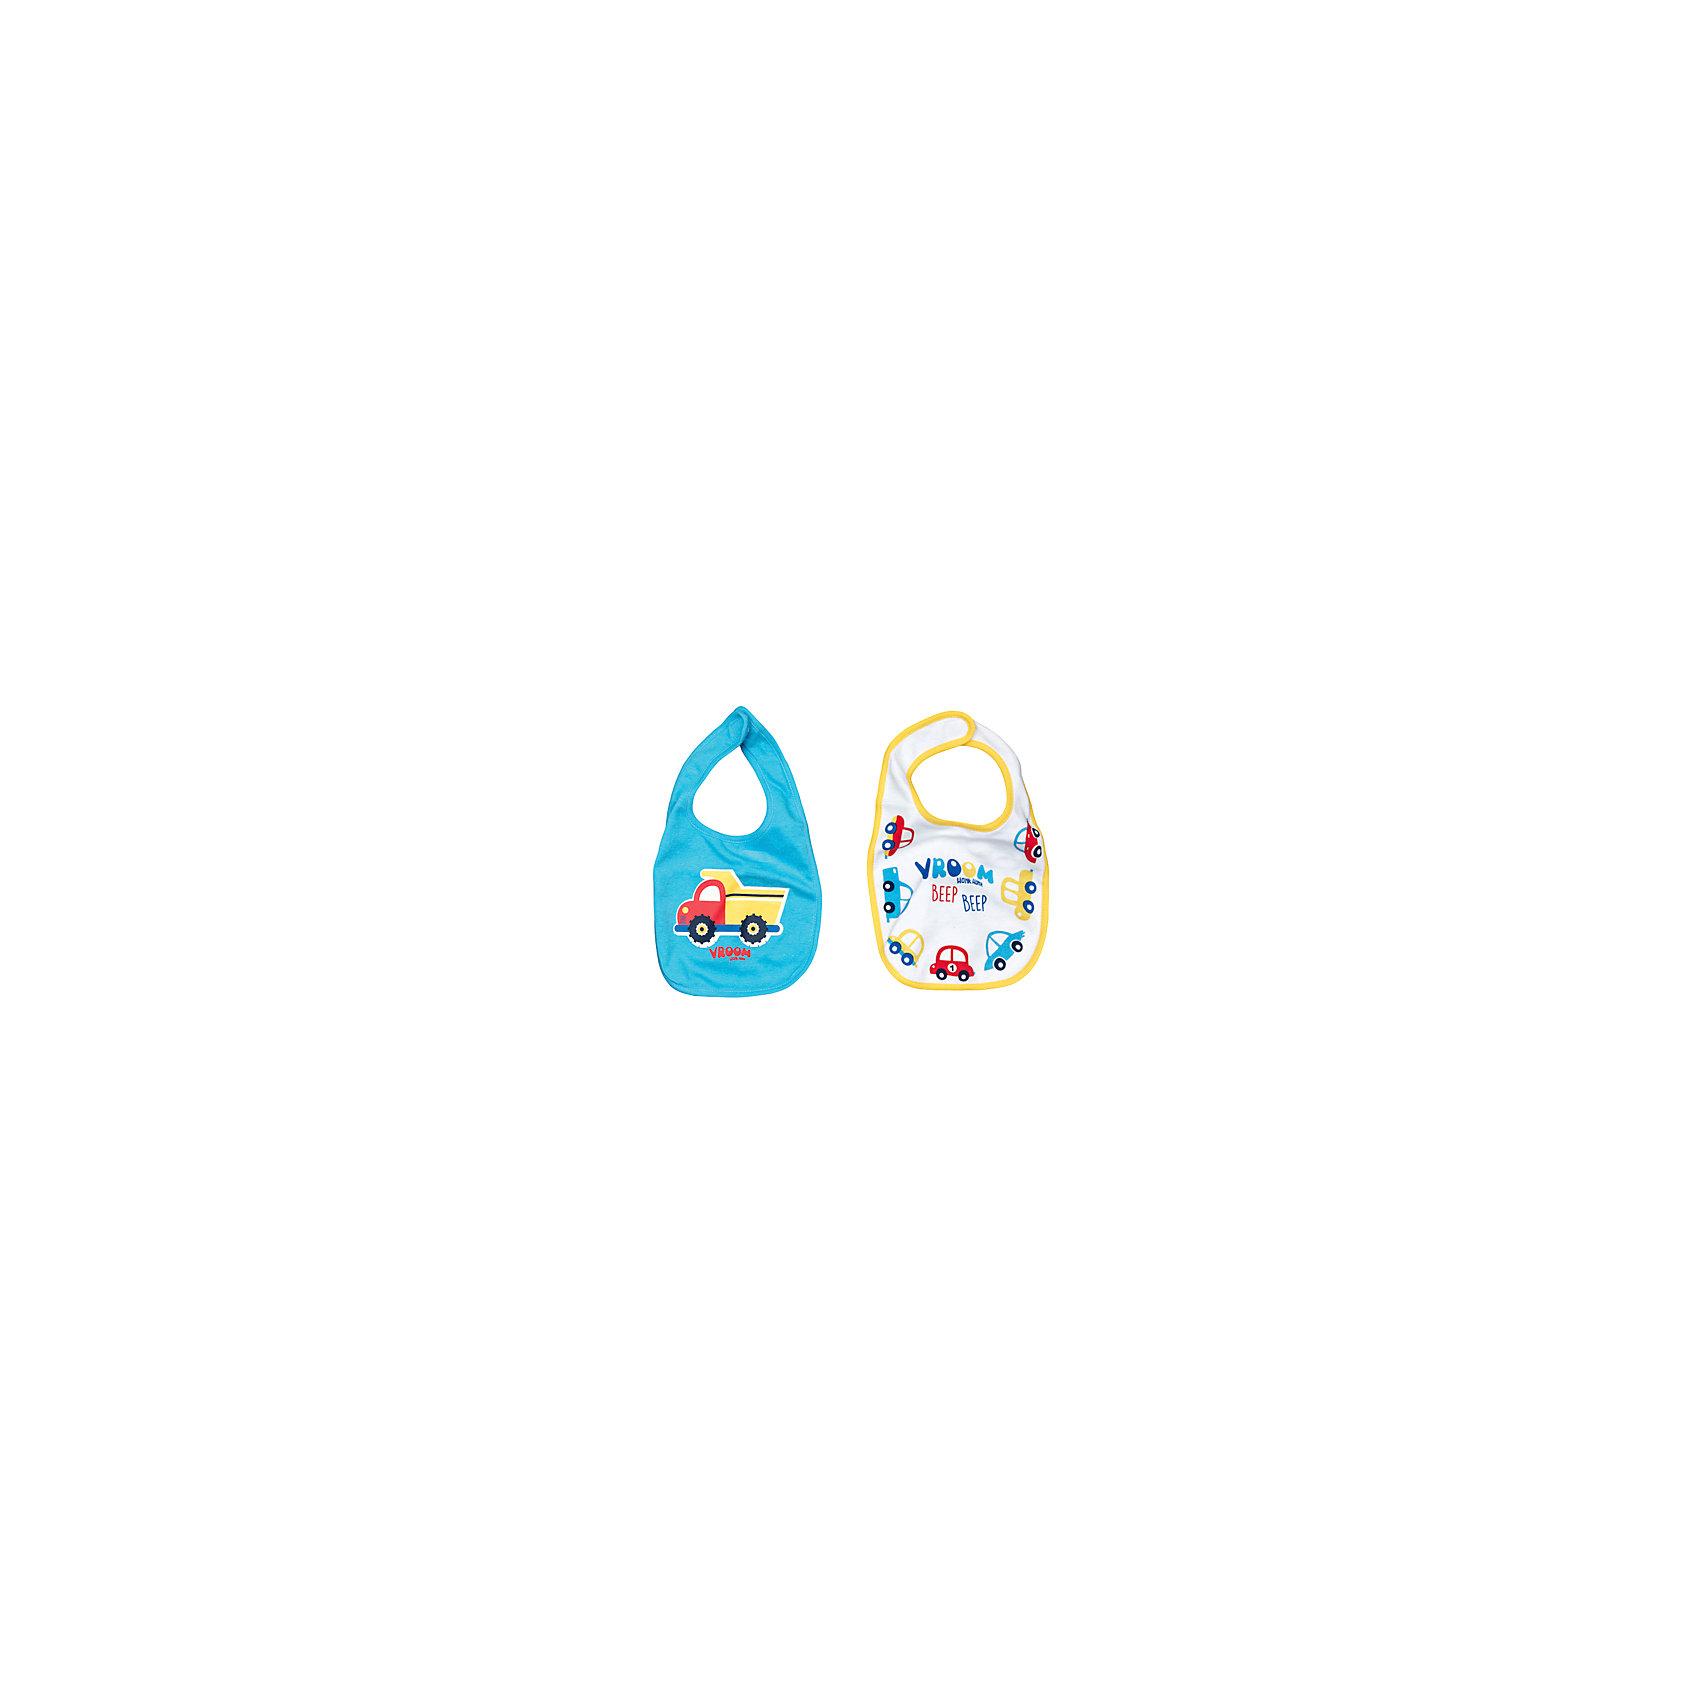 Нагрудник для мальчика PlayTodayНагрудники<br>Нагрудник для мальчика от известного бренда PlayToday.<br>Комплект из двух ярких нагрудников для малыша. Украшены принтами с яркими нашивками. Верх нагрудника - мягкий трикотаж, низ - непромокаемая подкладка.<br>Состав:<br>100% хлопок<br><br>Ширина мм: 157<br>Глубина мм: 13<br>Высота мм: 119<br>Вес г: 200<br>Цвет: разноцветный<br>Возраст от месяцев: 0<br>Возраст до месяцев: 24<br>Пол: Мужской<br>Возраст: Детский<br>Размер: one size<br>SKU: 4901032